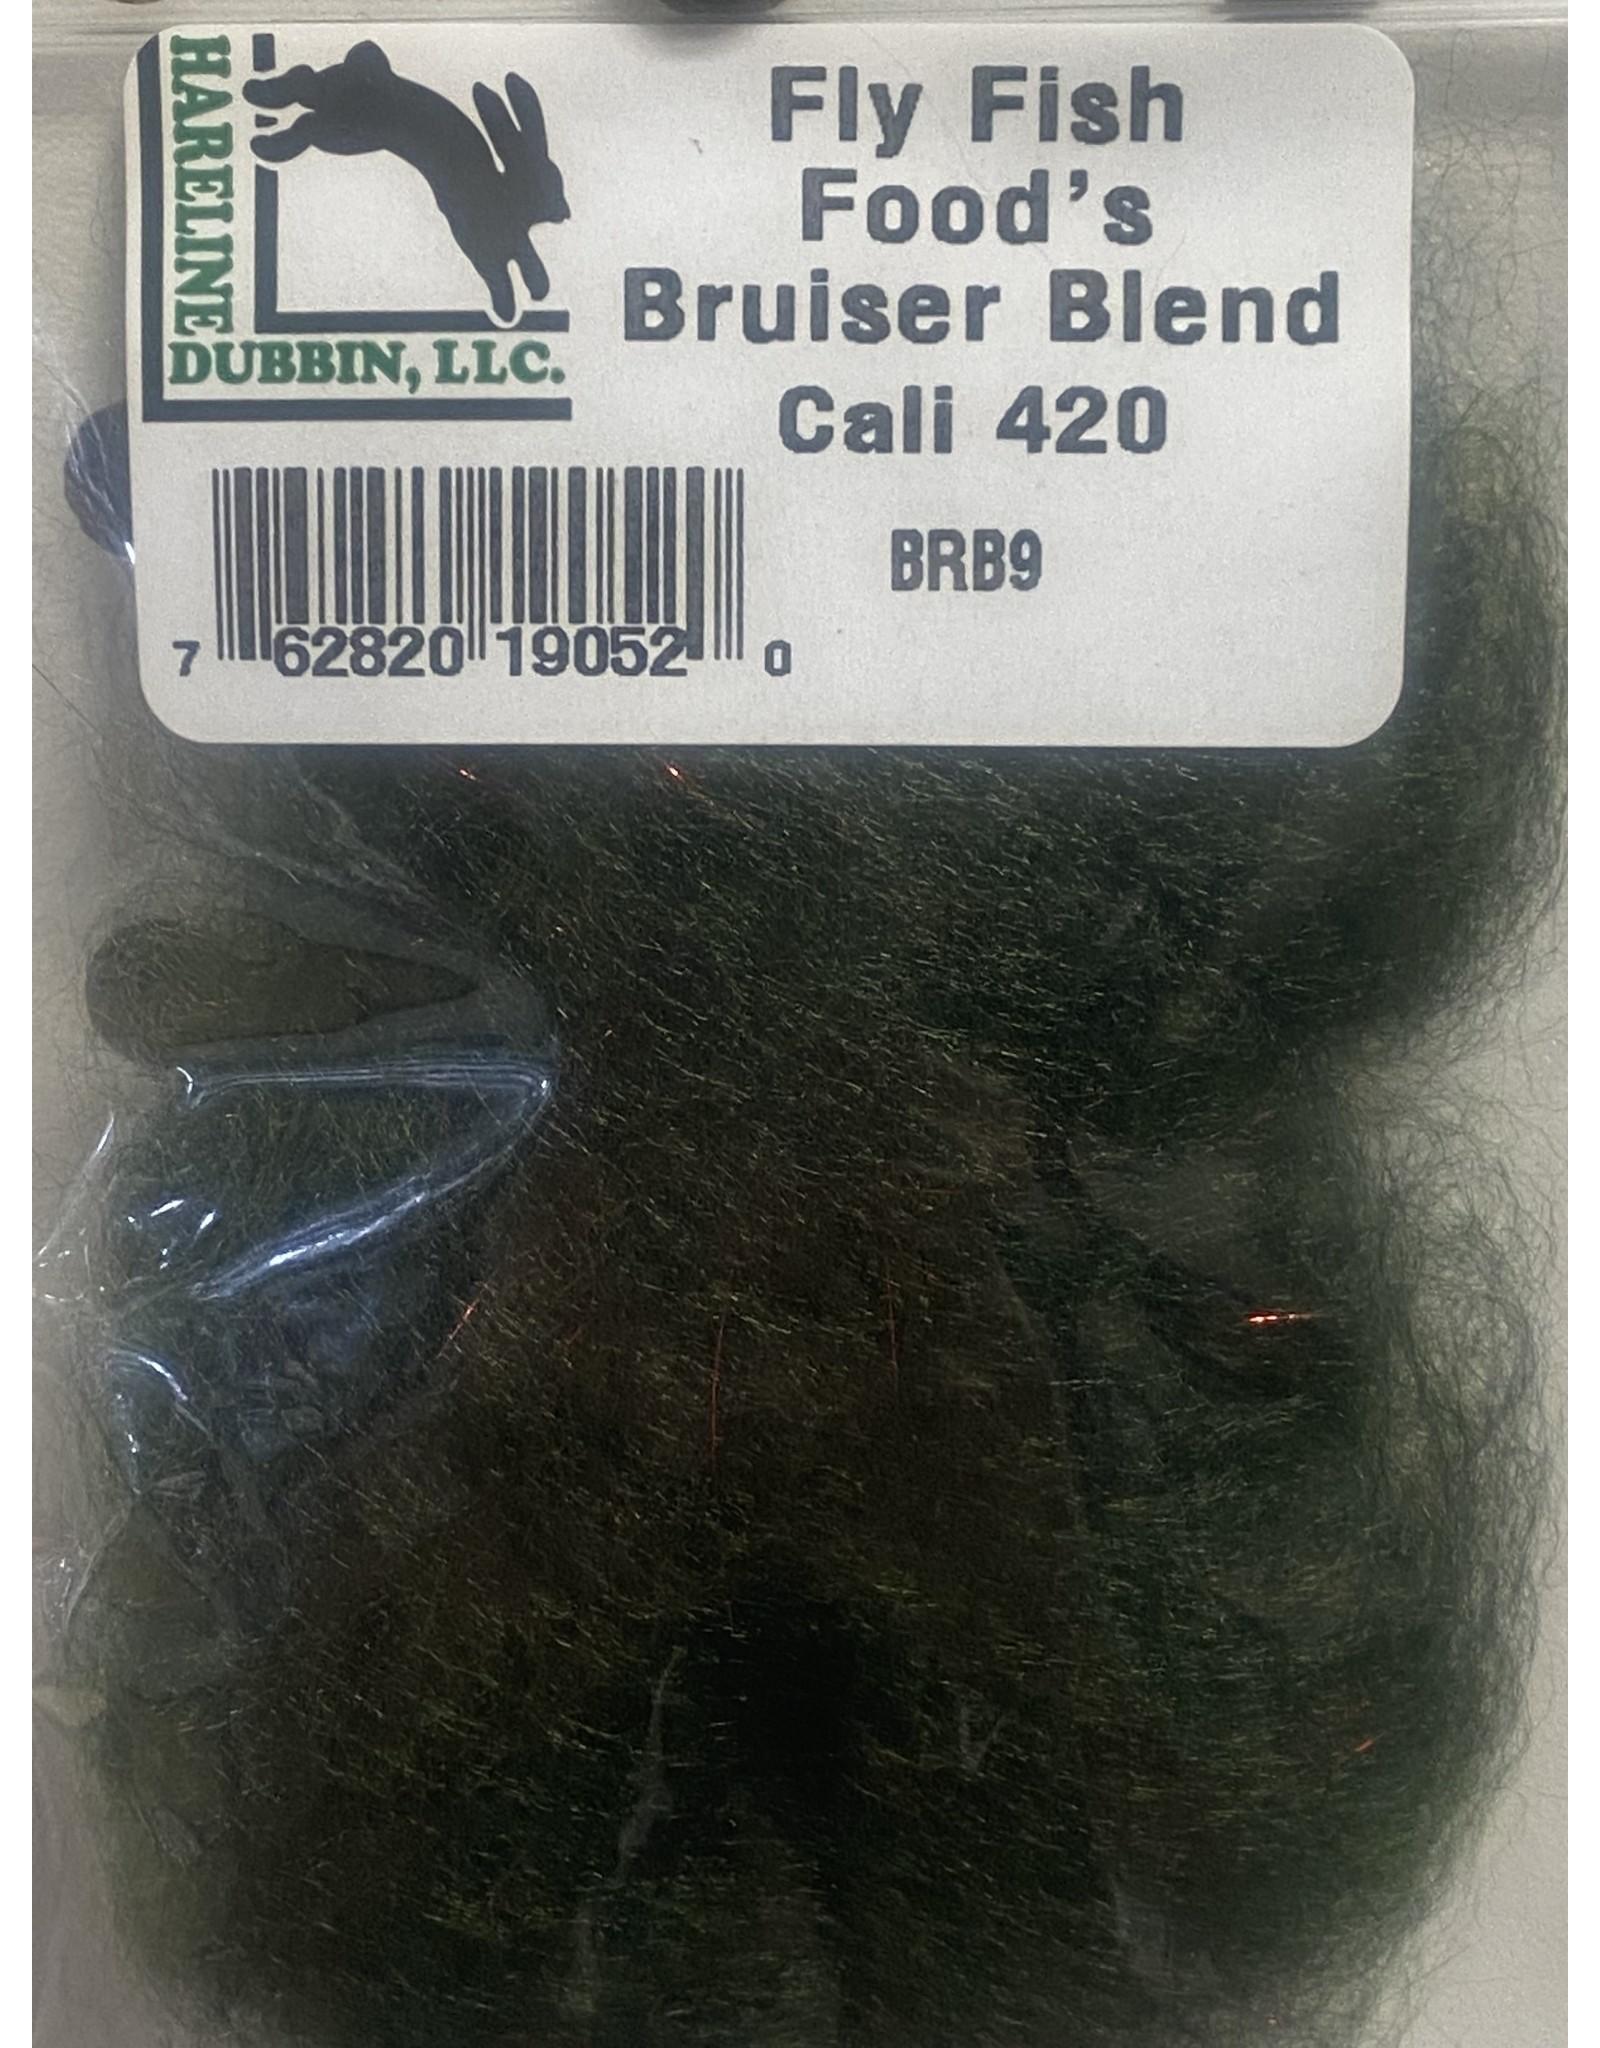 Hareline Fly Fish Food's Bruiser Blend #9 Cali 420